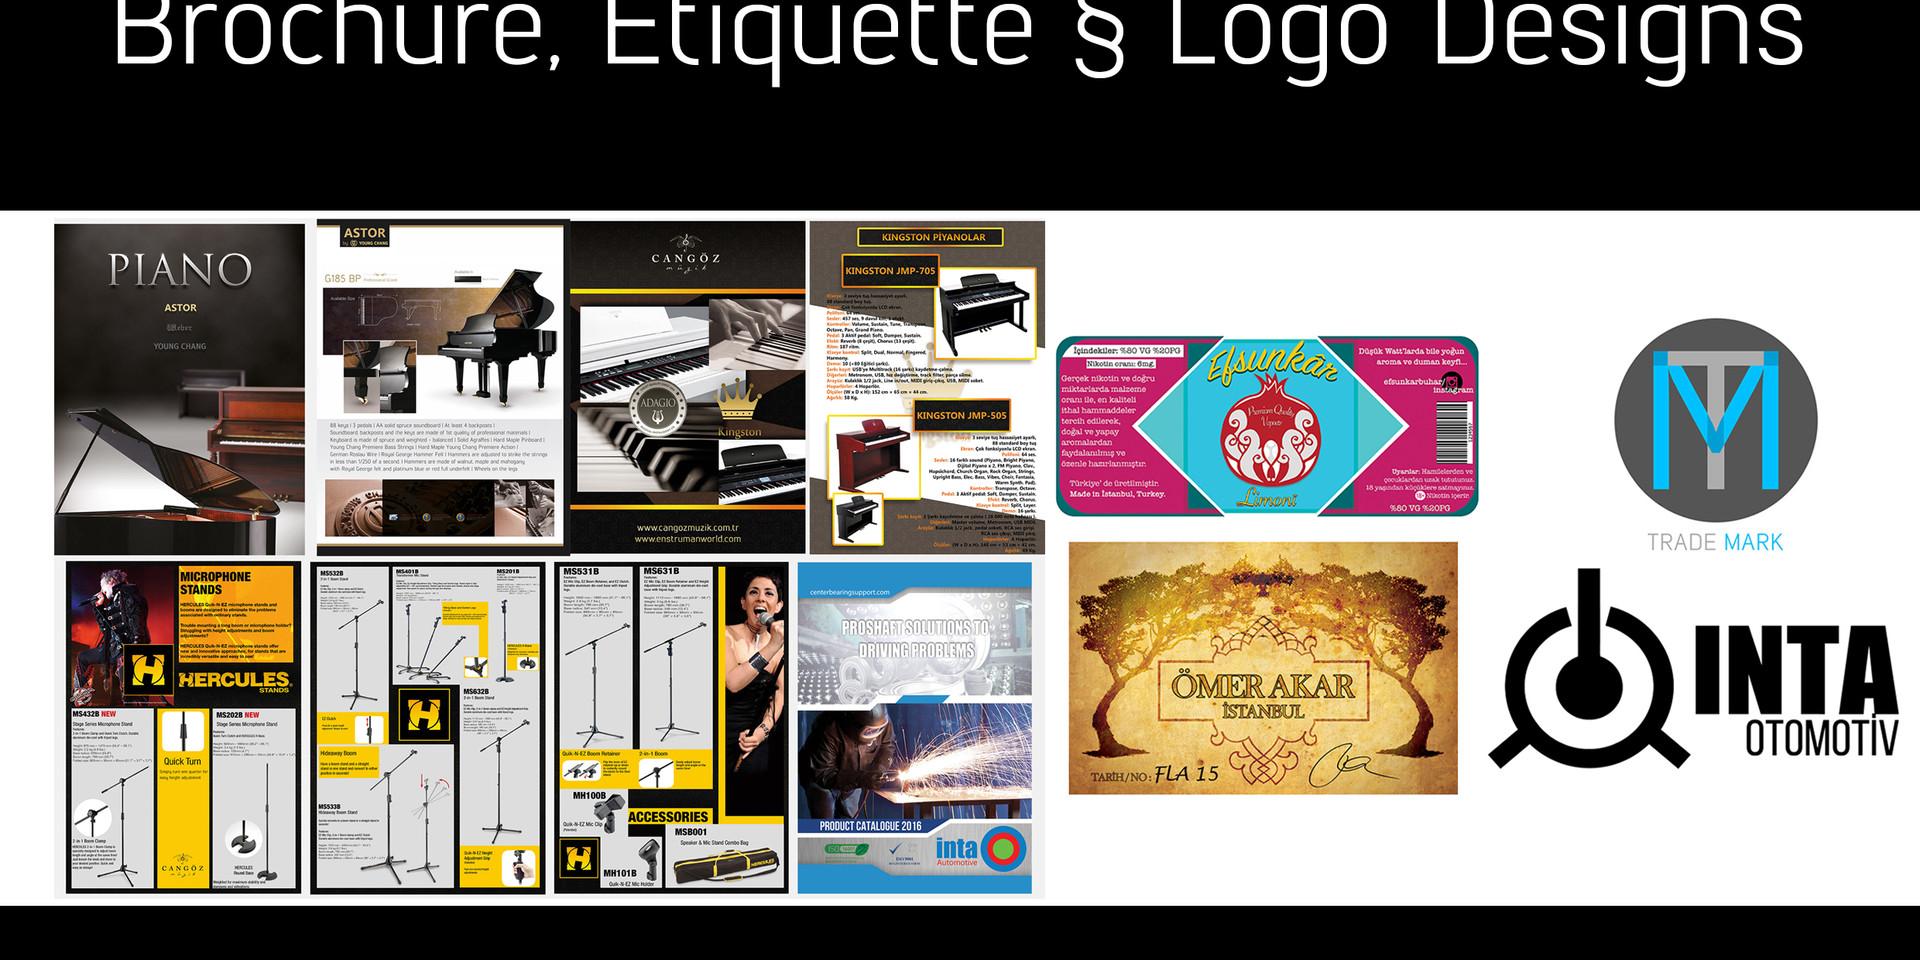 Etiquette, Logo, Brand designs